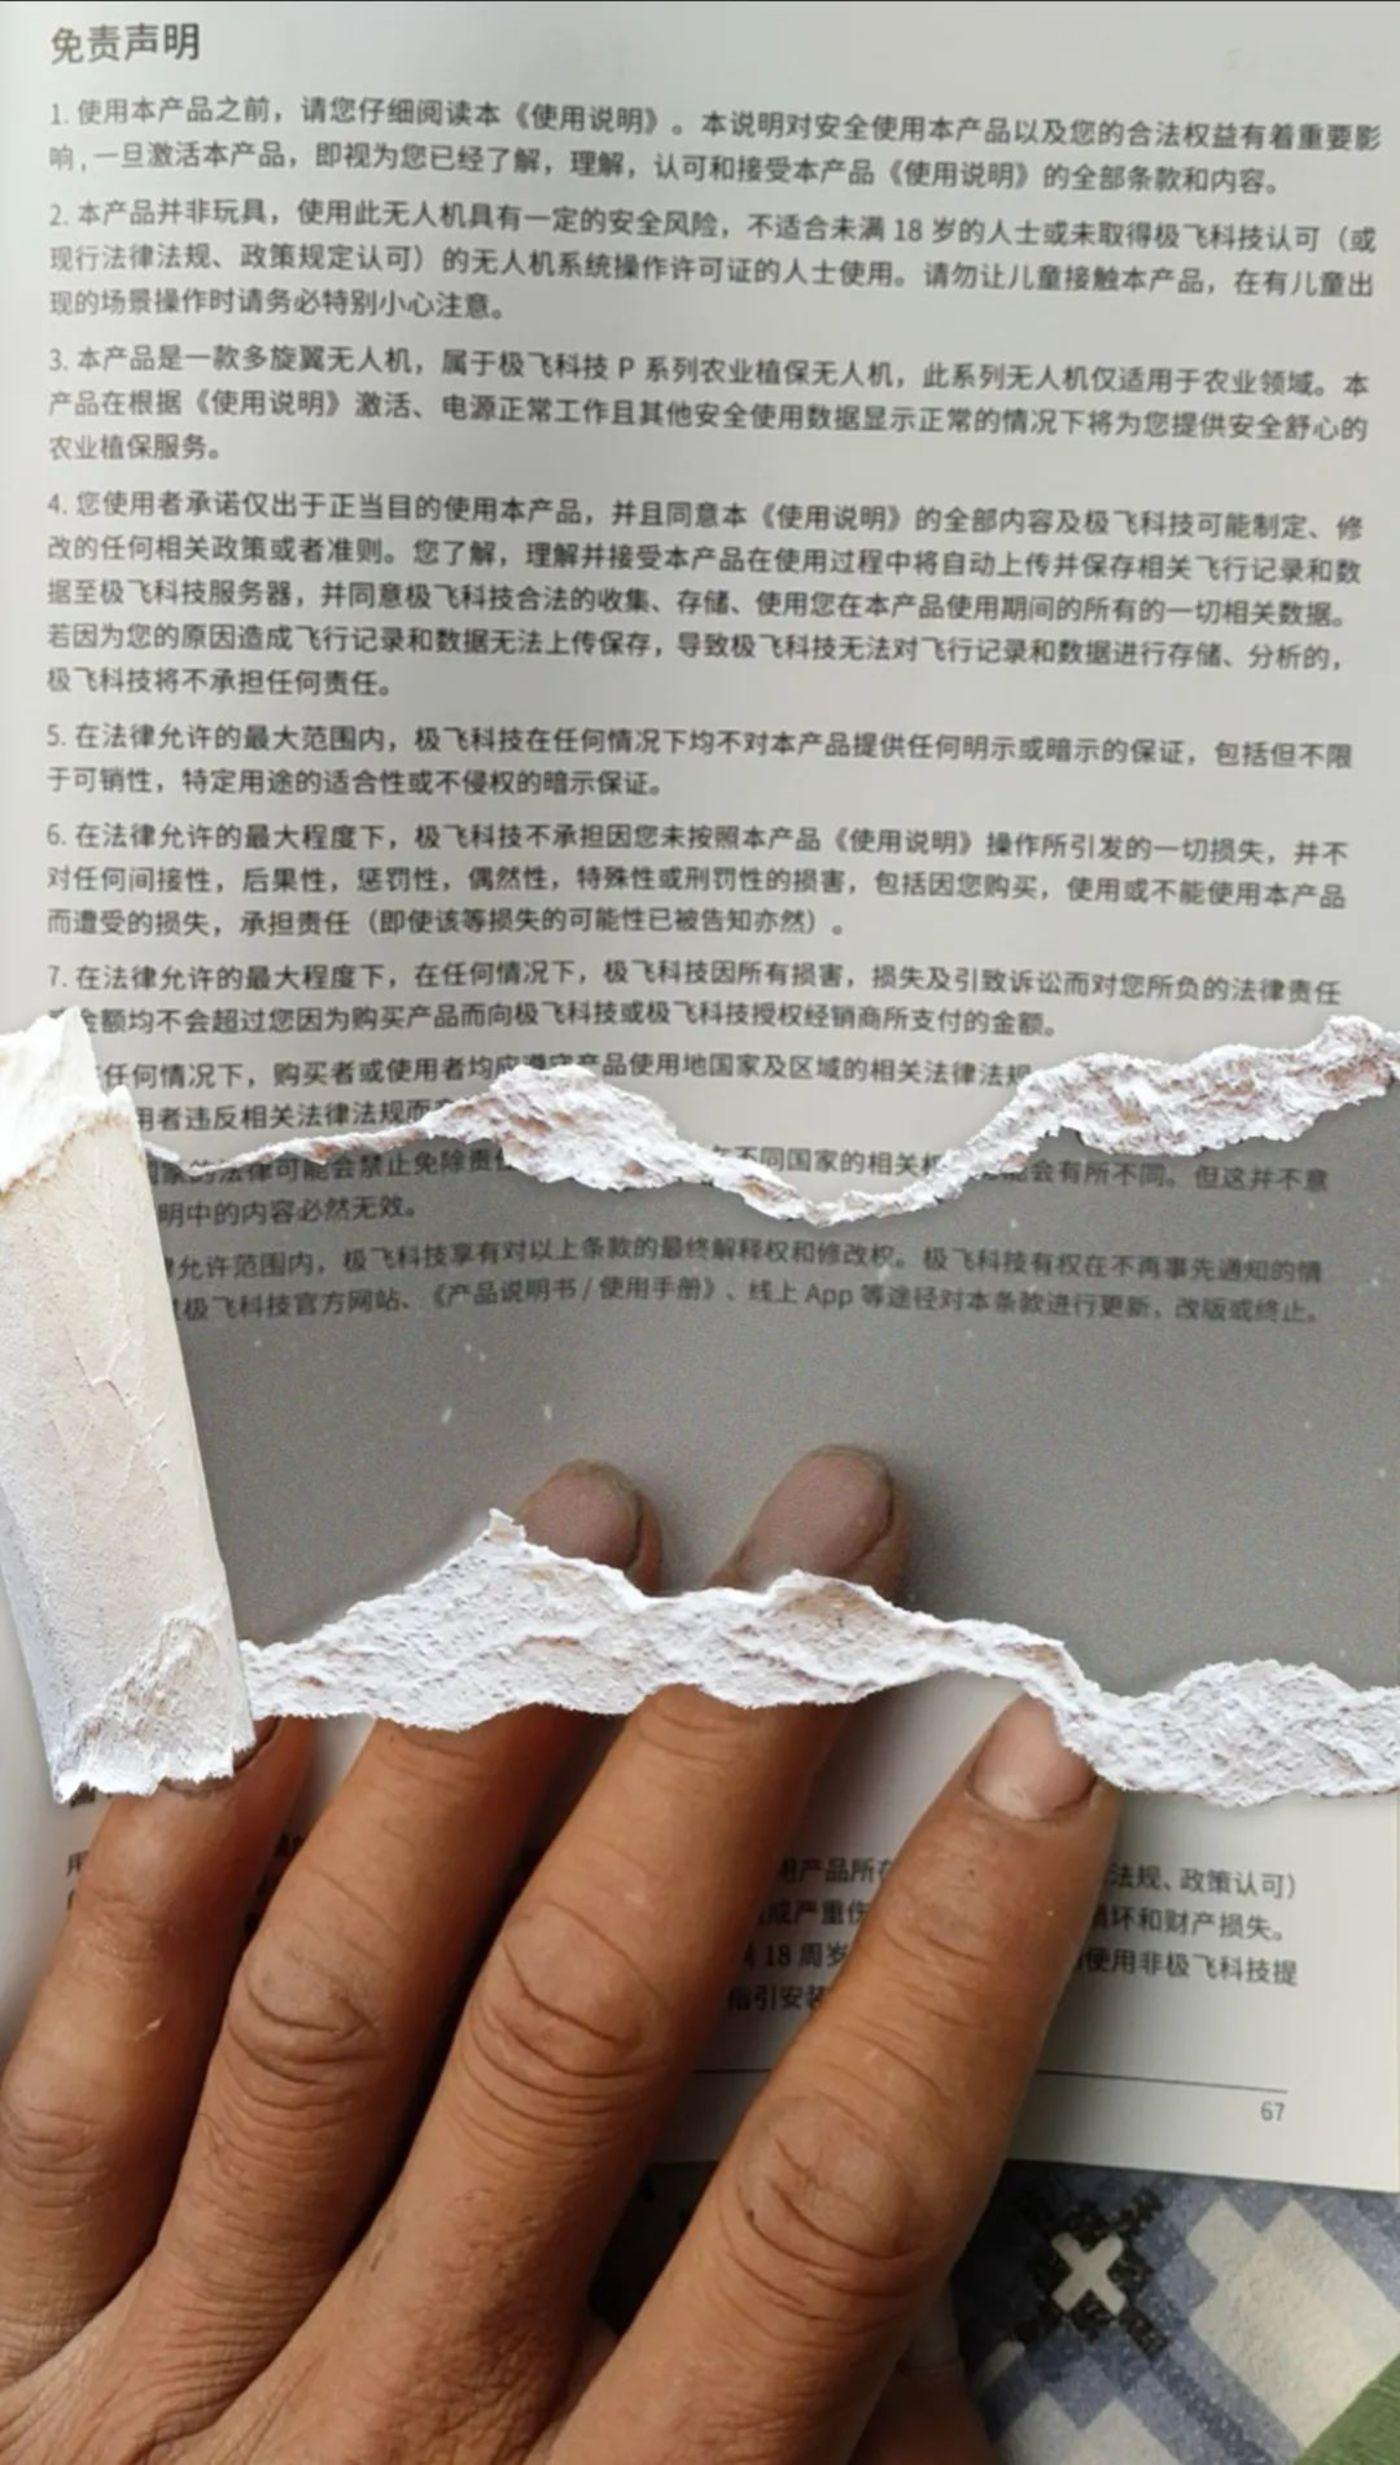 无人机免责声明及劳动者的手 摄影  极飞用户王泰民